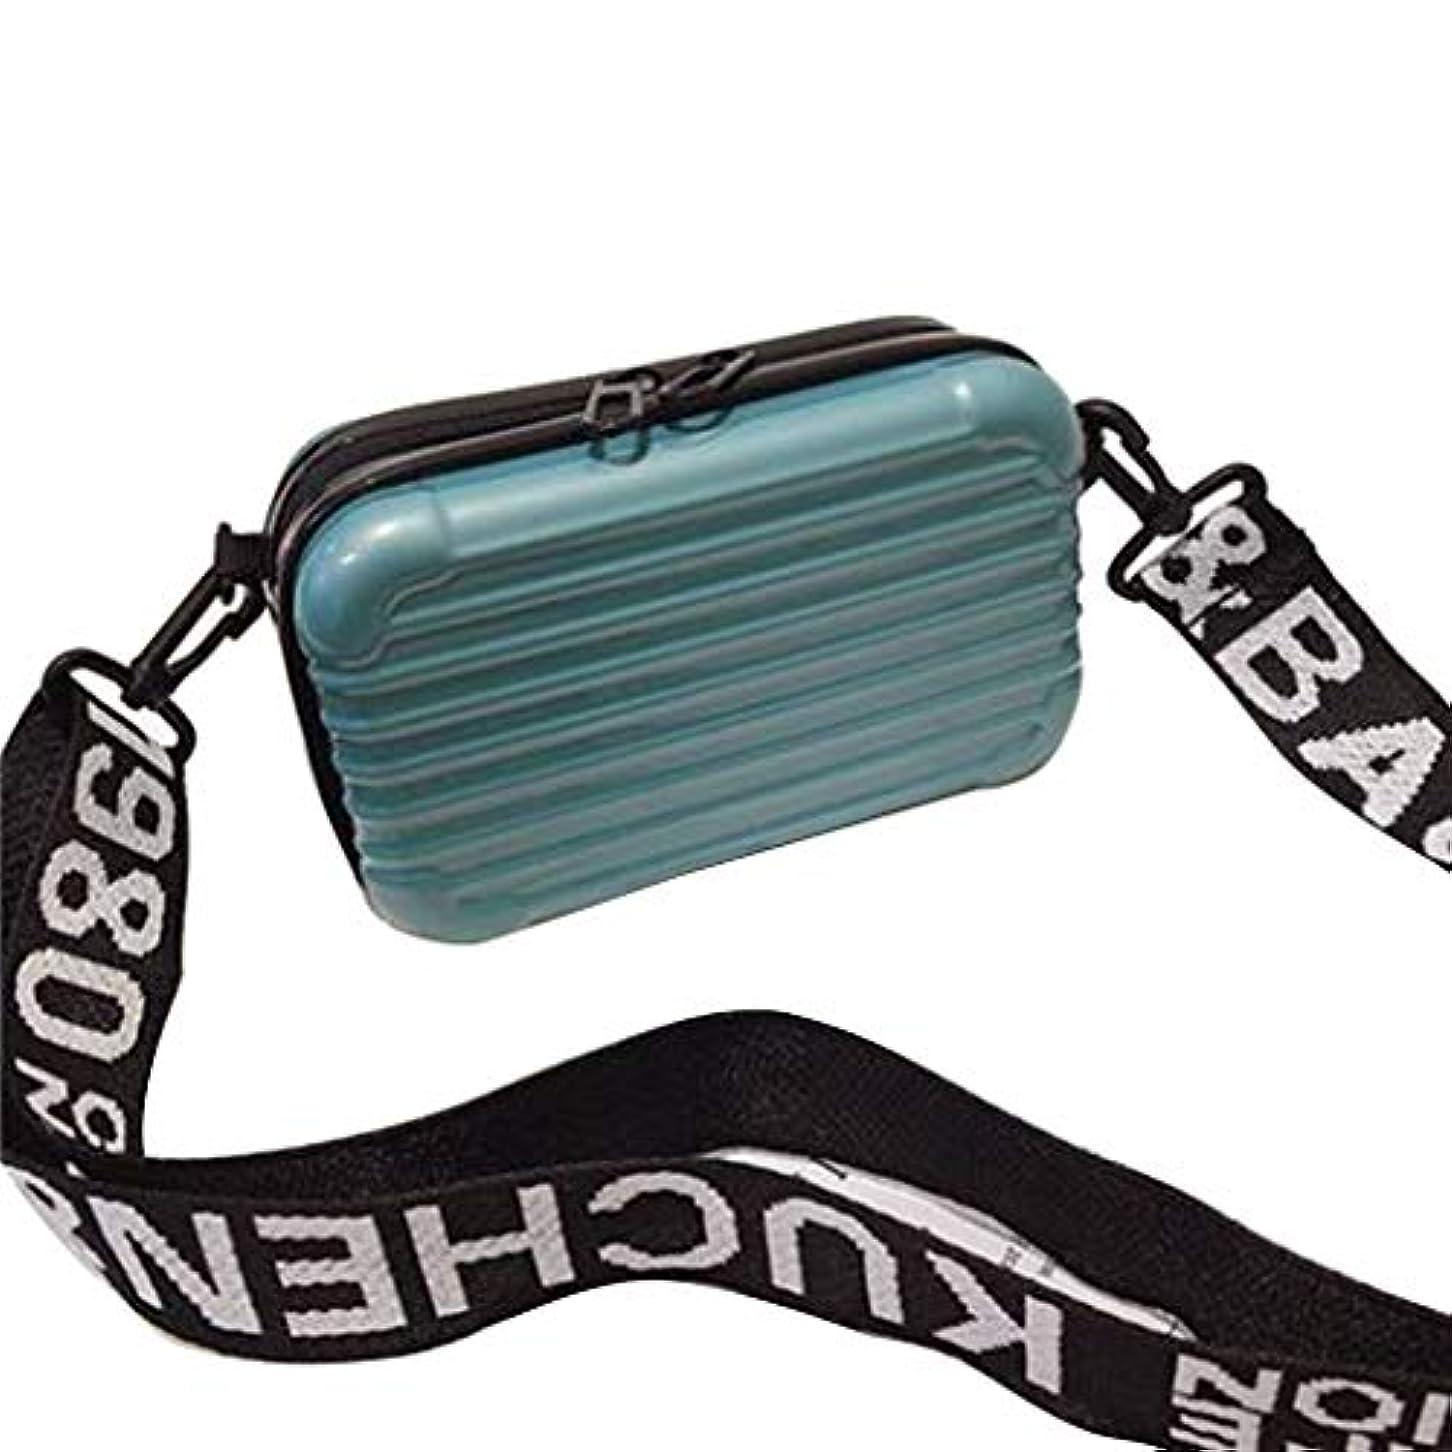 たぶん参照するペインギリックNerhaily 化粧ポーチ 多機能ポーチ 収納バッグ 軽量 旅行 出張 お出かけ 持ち運び便利 スーツケース型 5色選択可 (青)